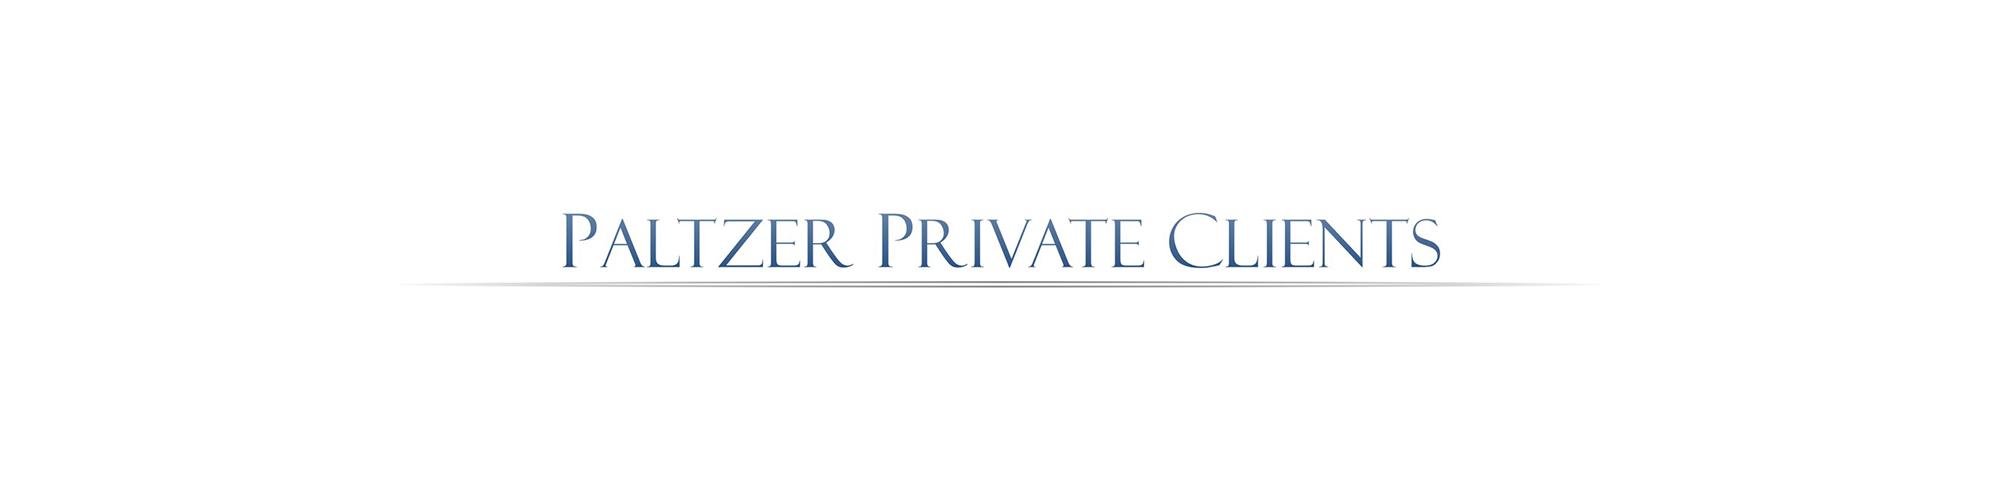 Paltzer Private Clients